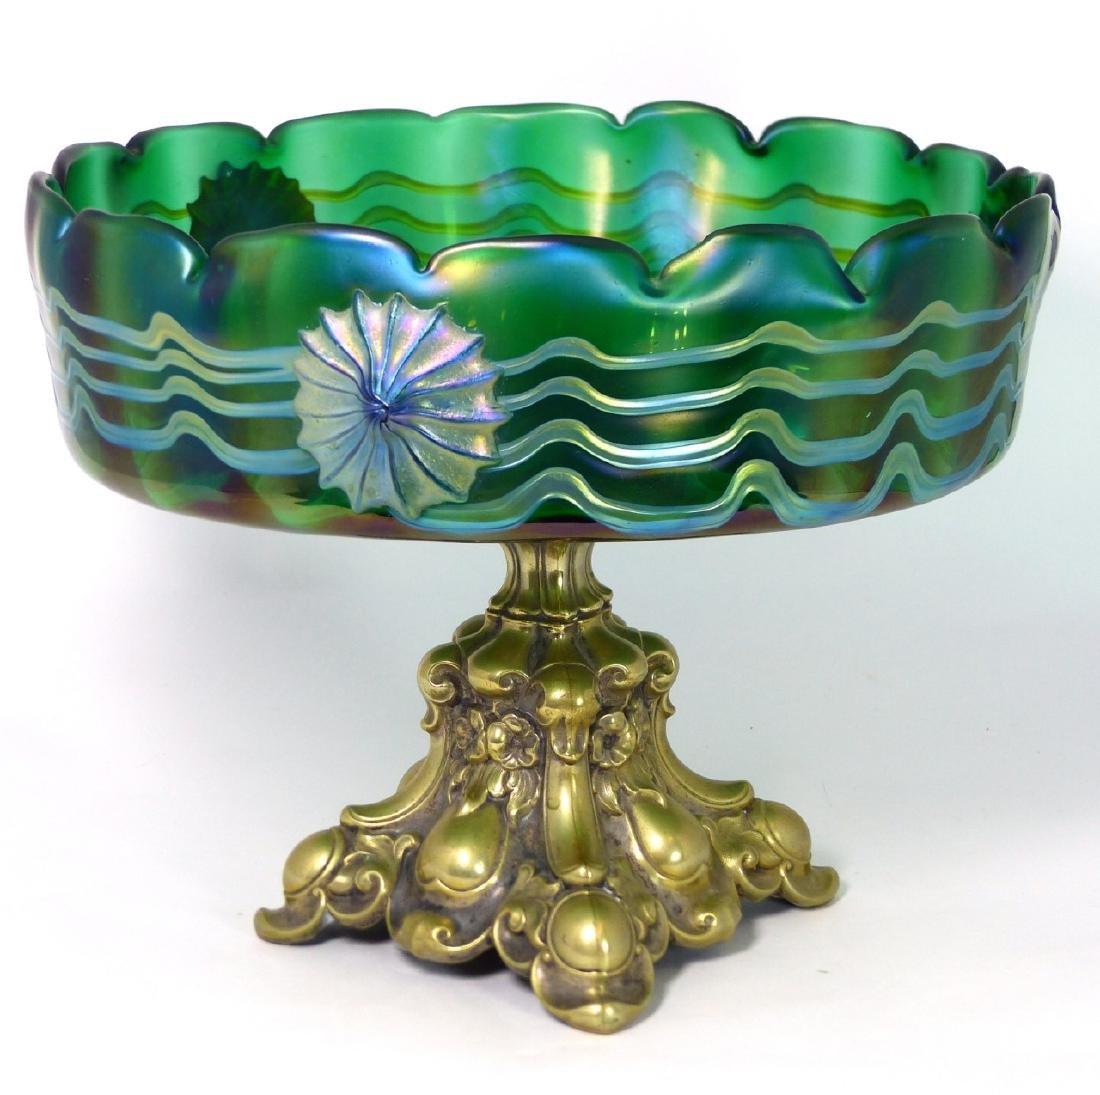 LOETZ CZECH ART GLASS COMPOTE w ORMOLU MOUNT - 6